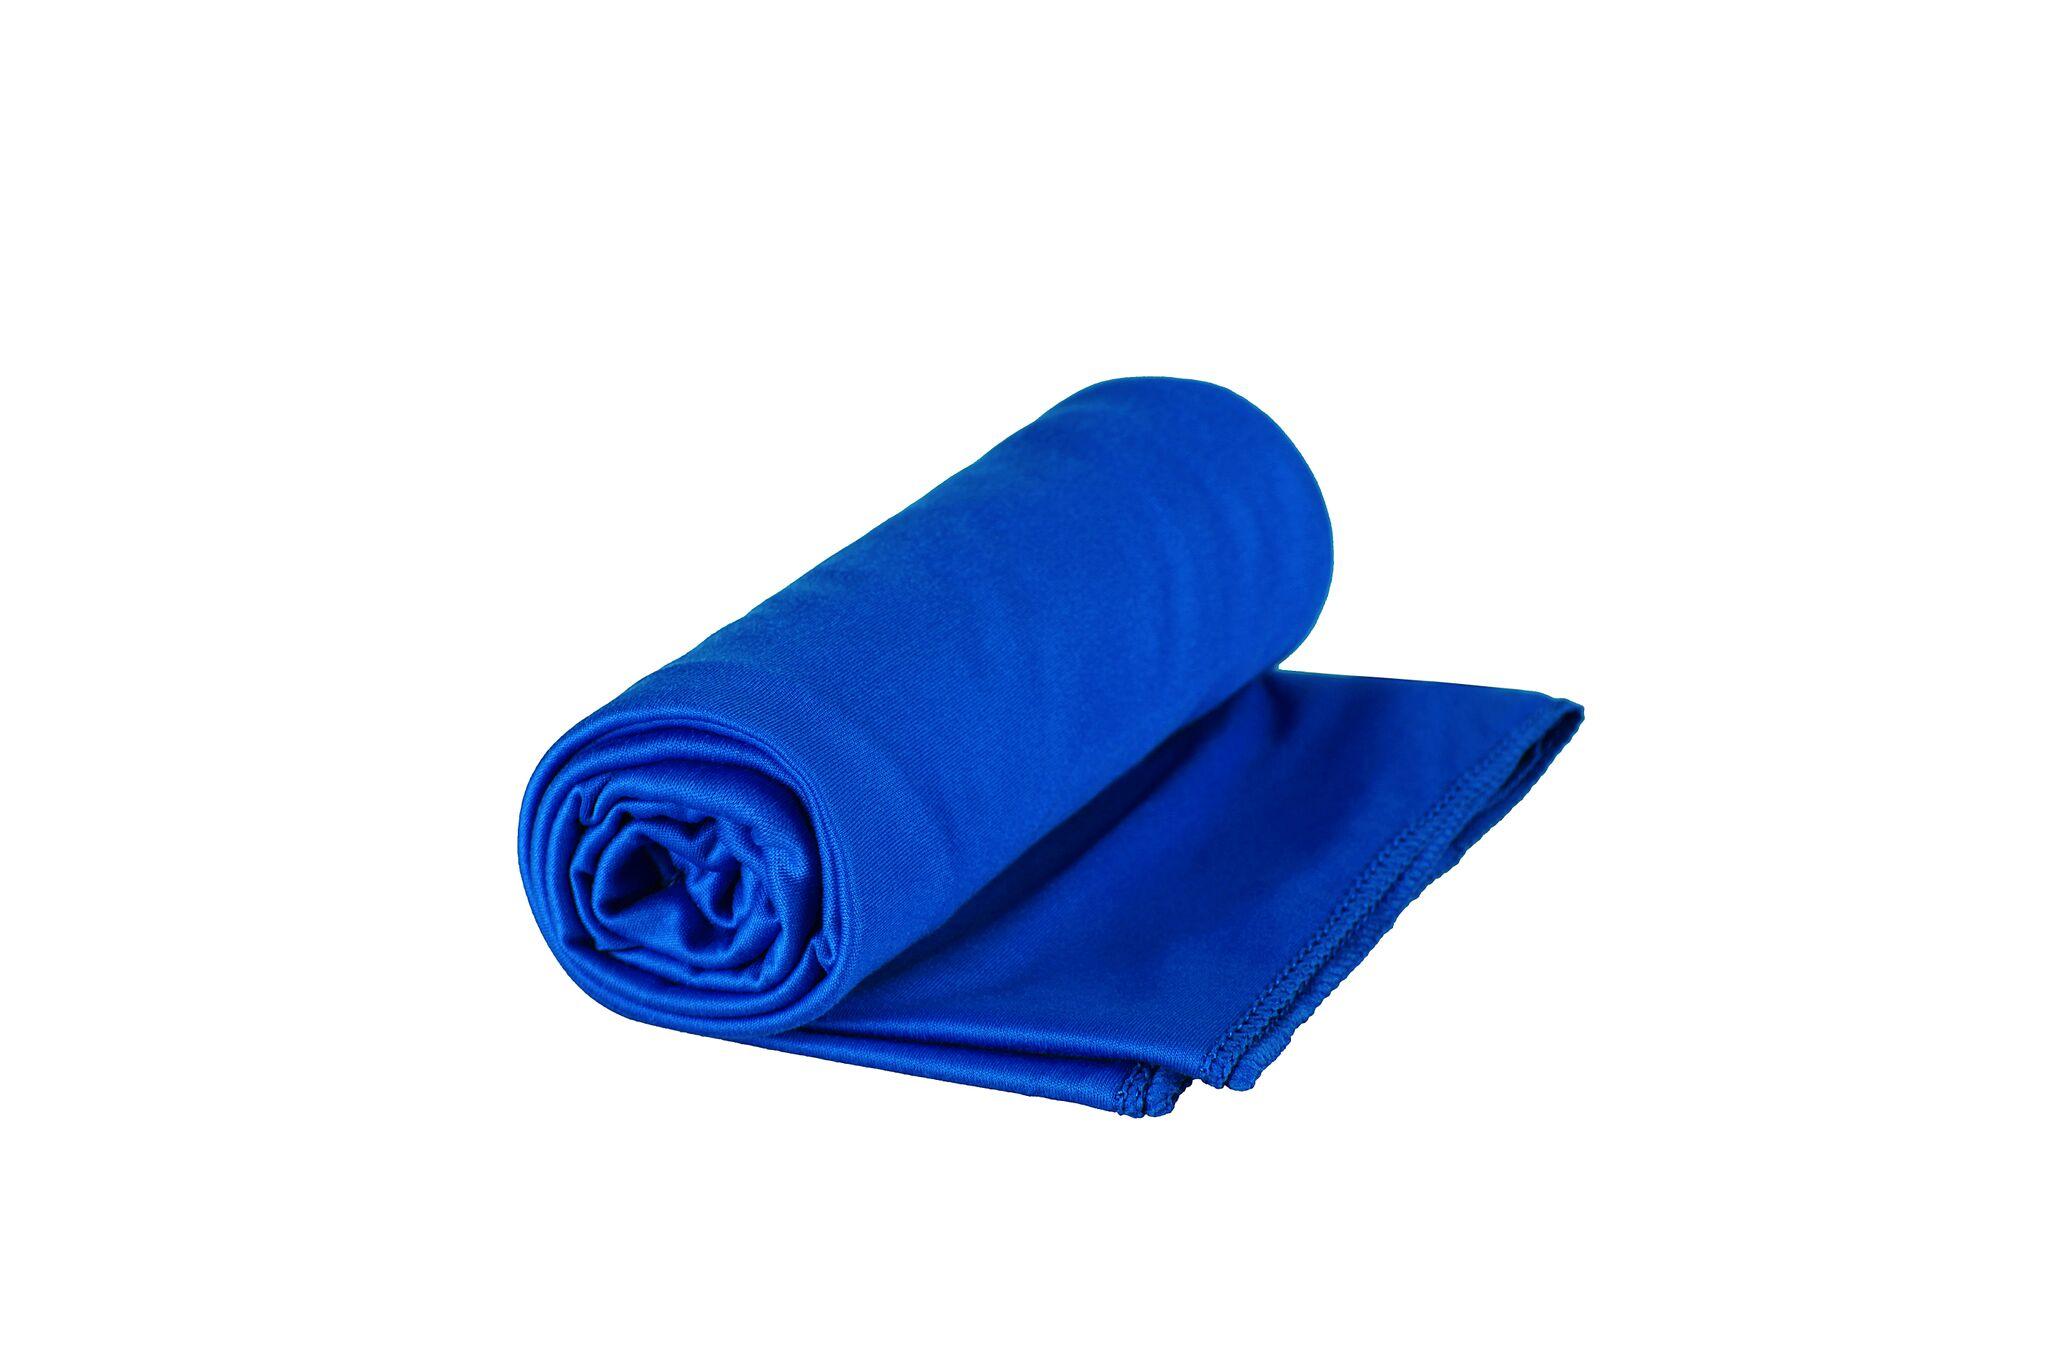 Billede af Seatosummit Lomme Håndklæde